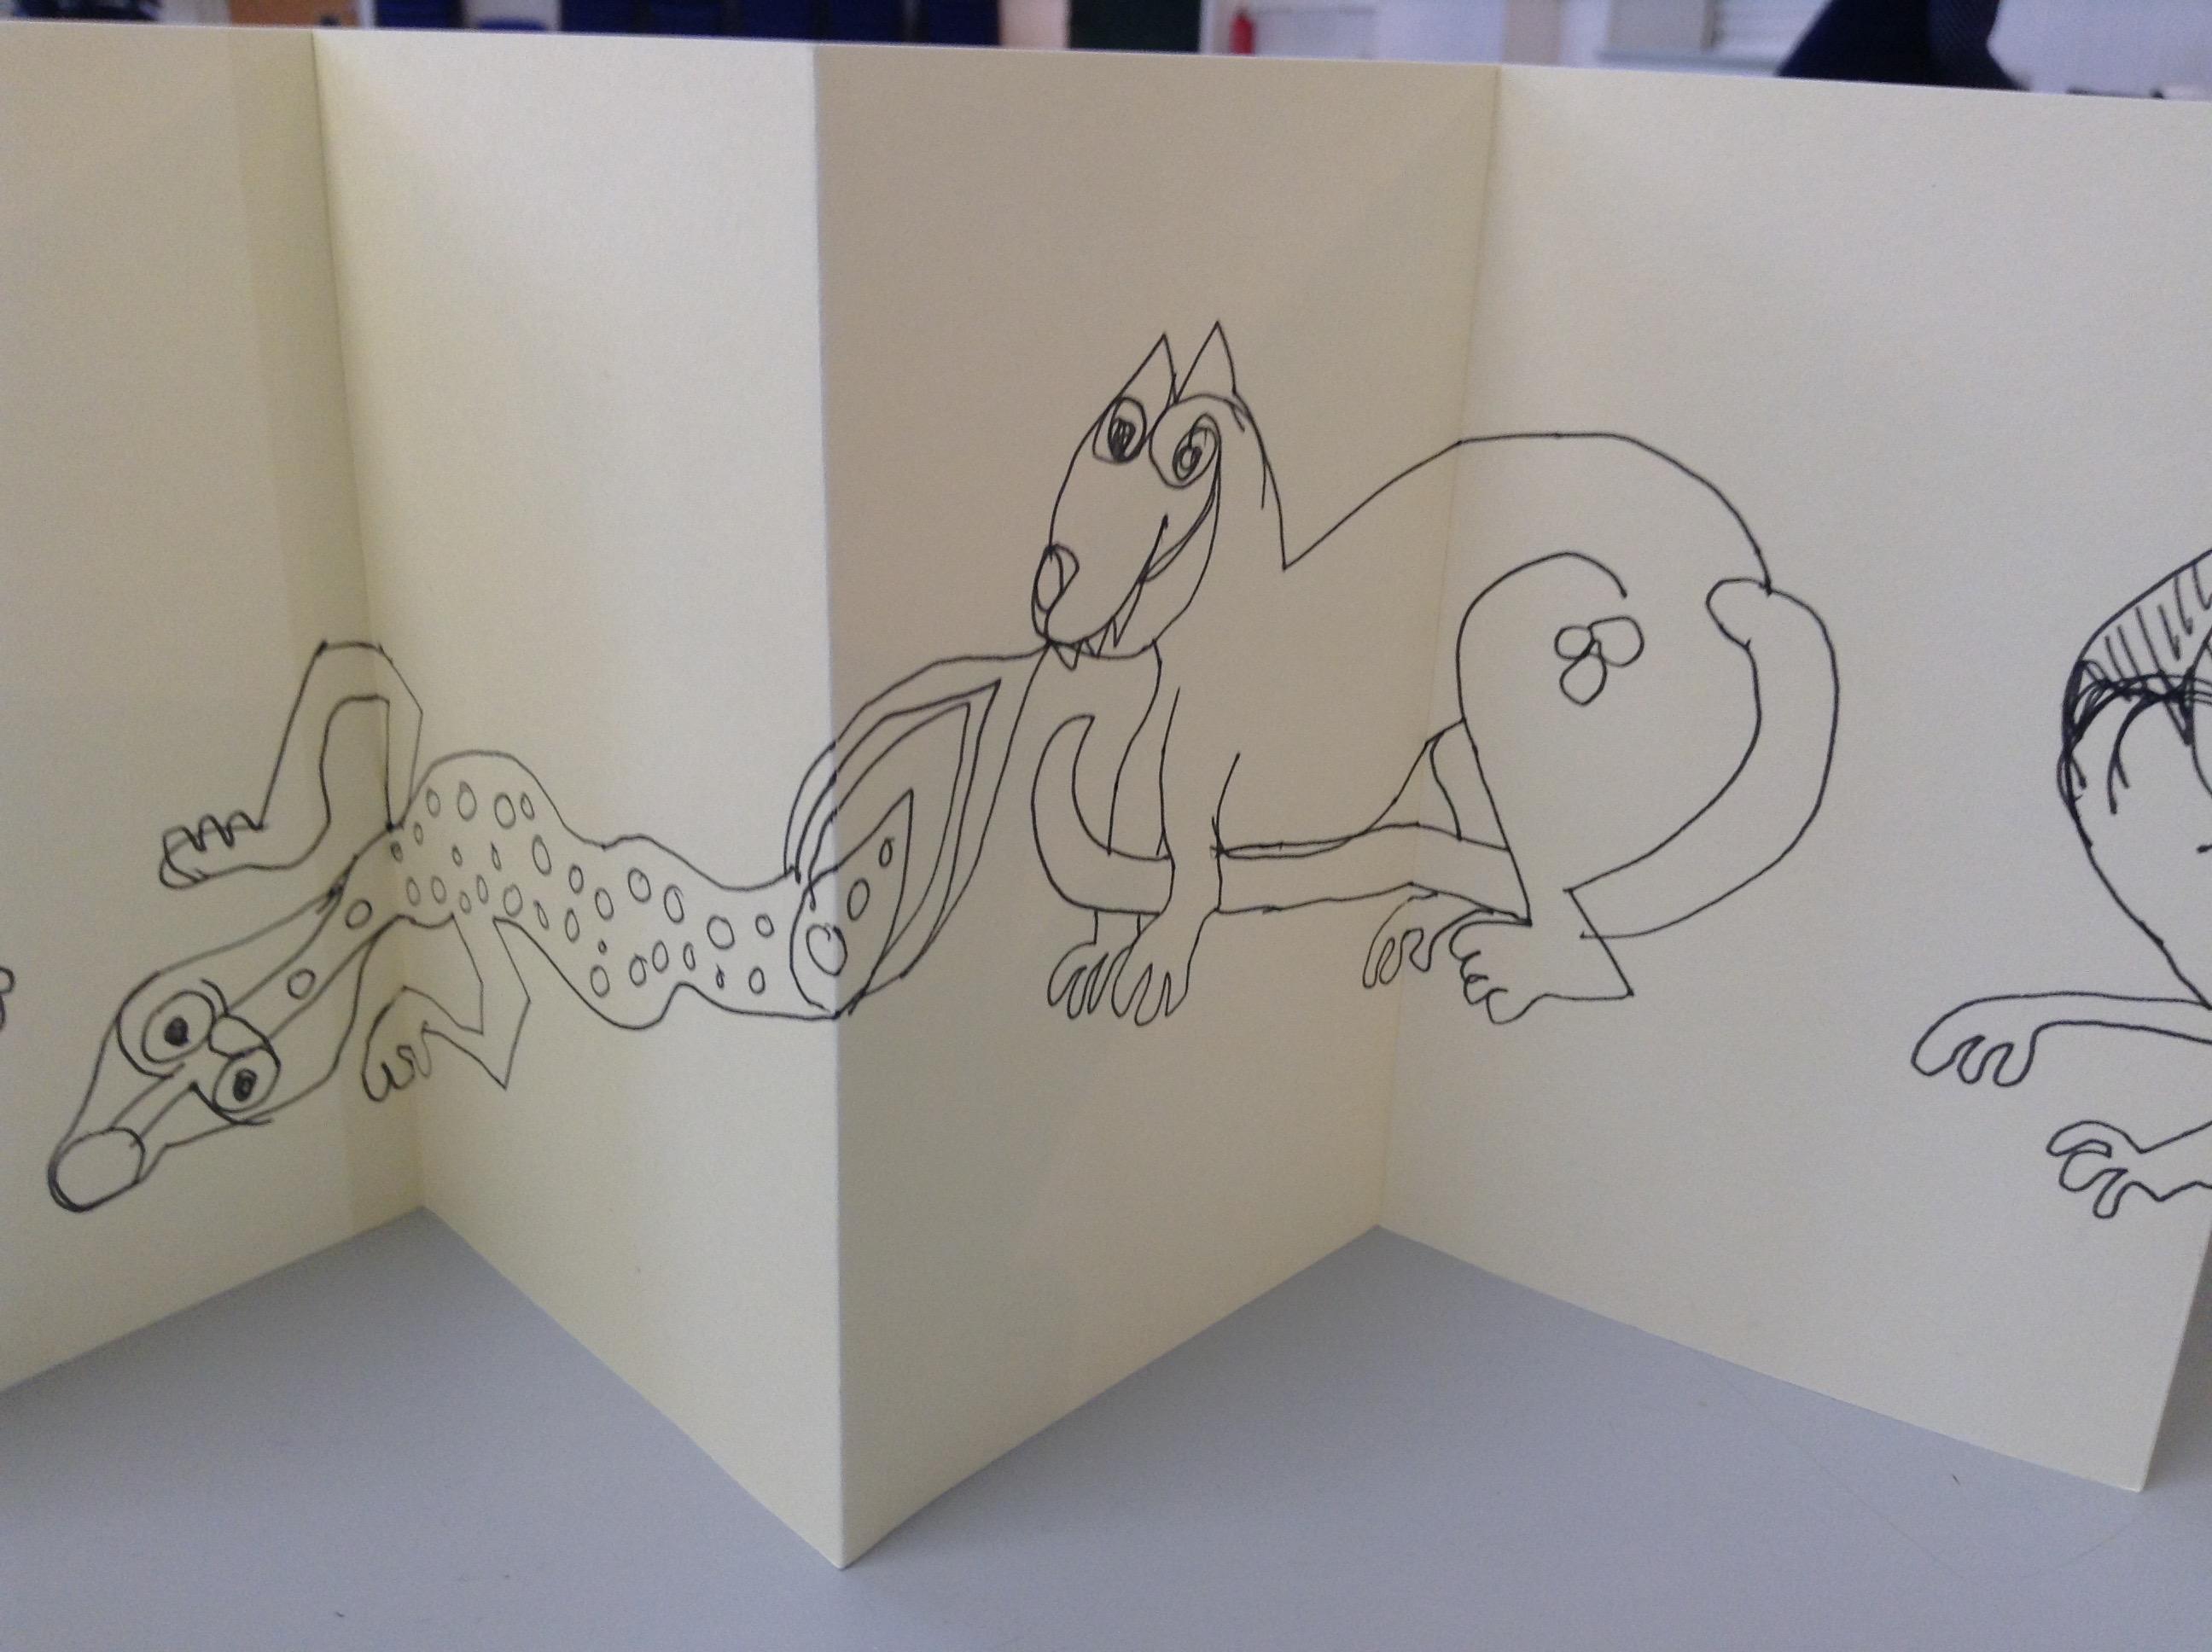 Kells Margins Sketch Book 002